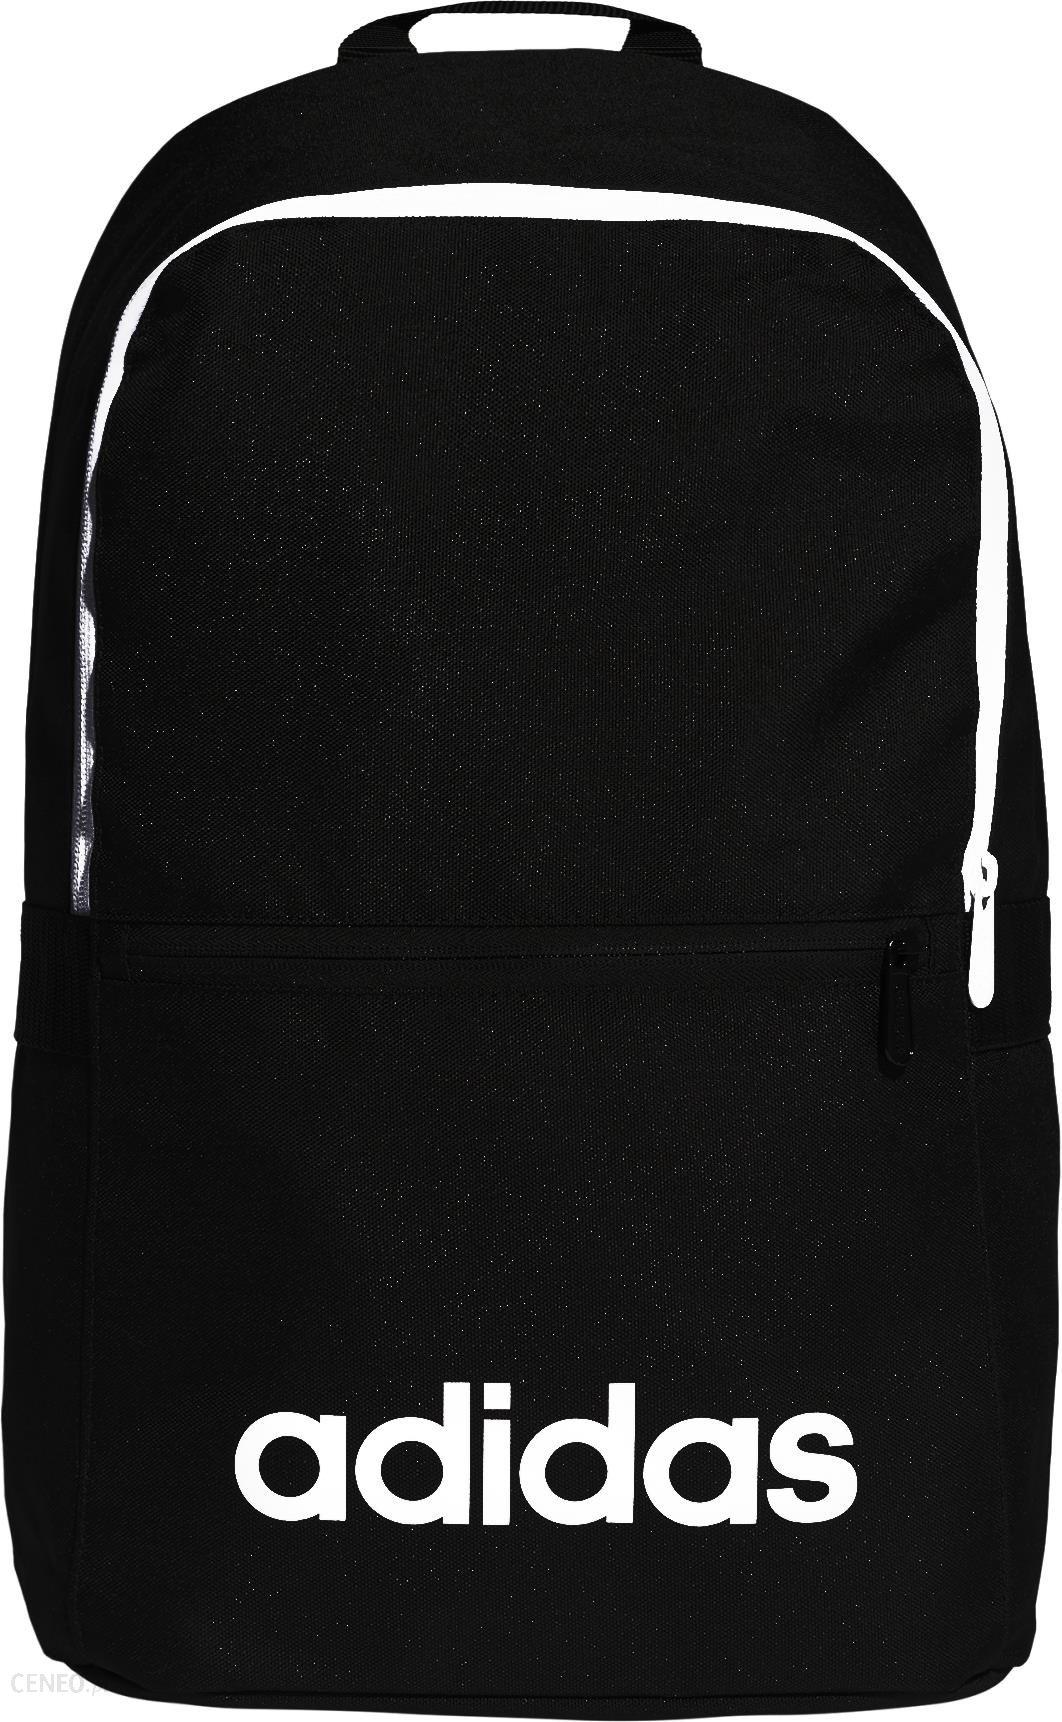 Adidas Plecak Szkolny Czarny DT8633